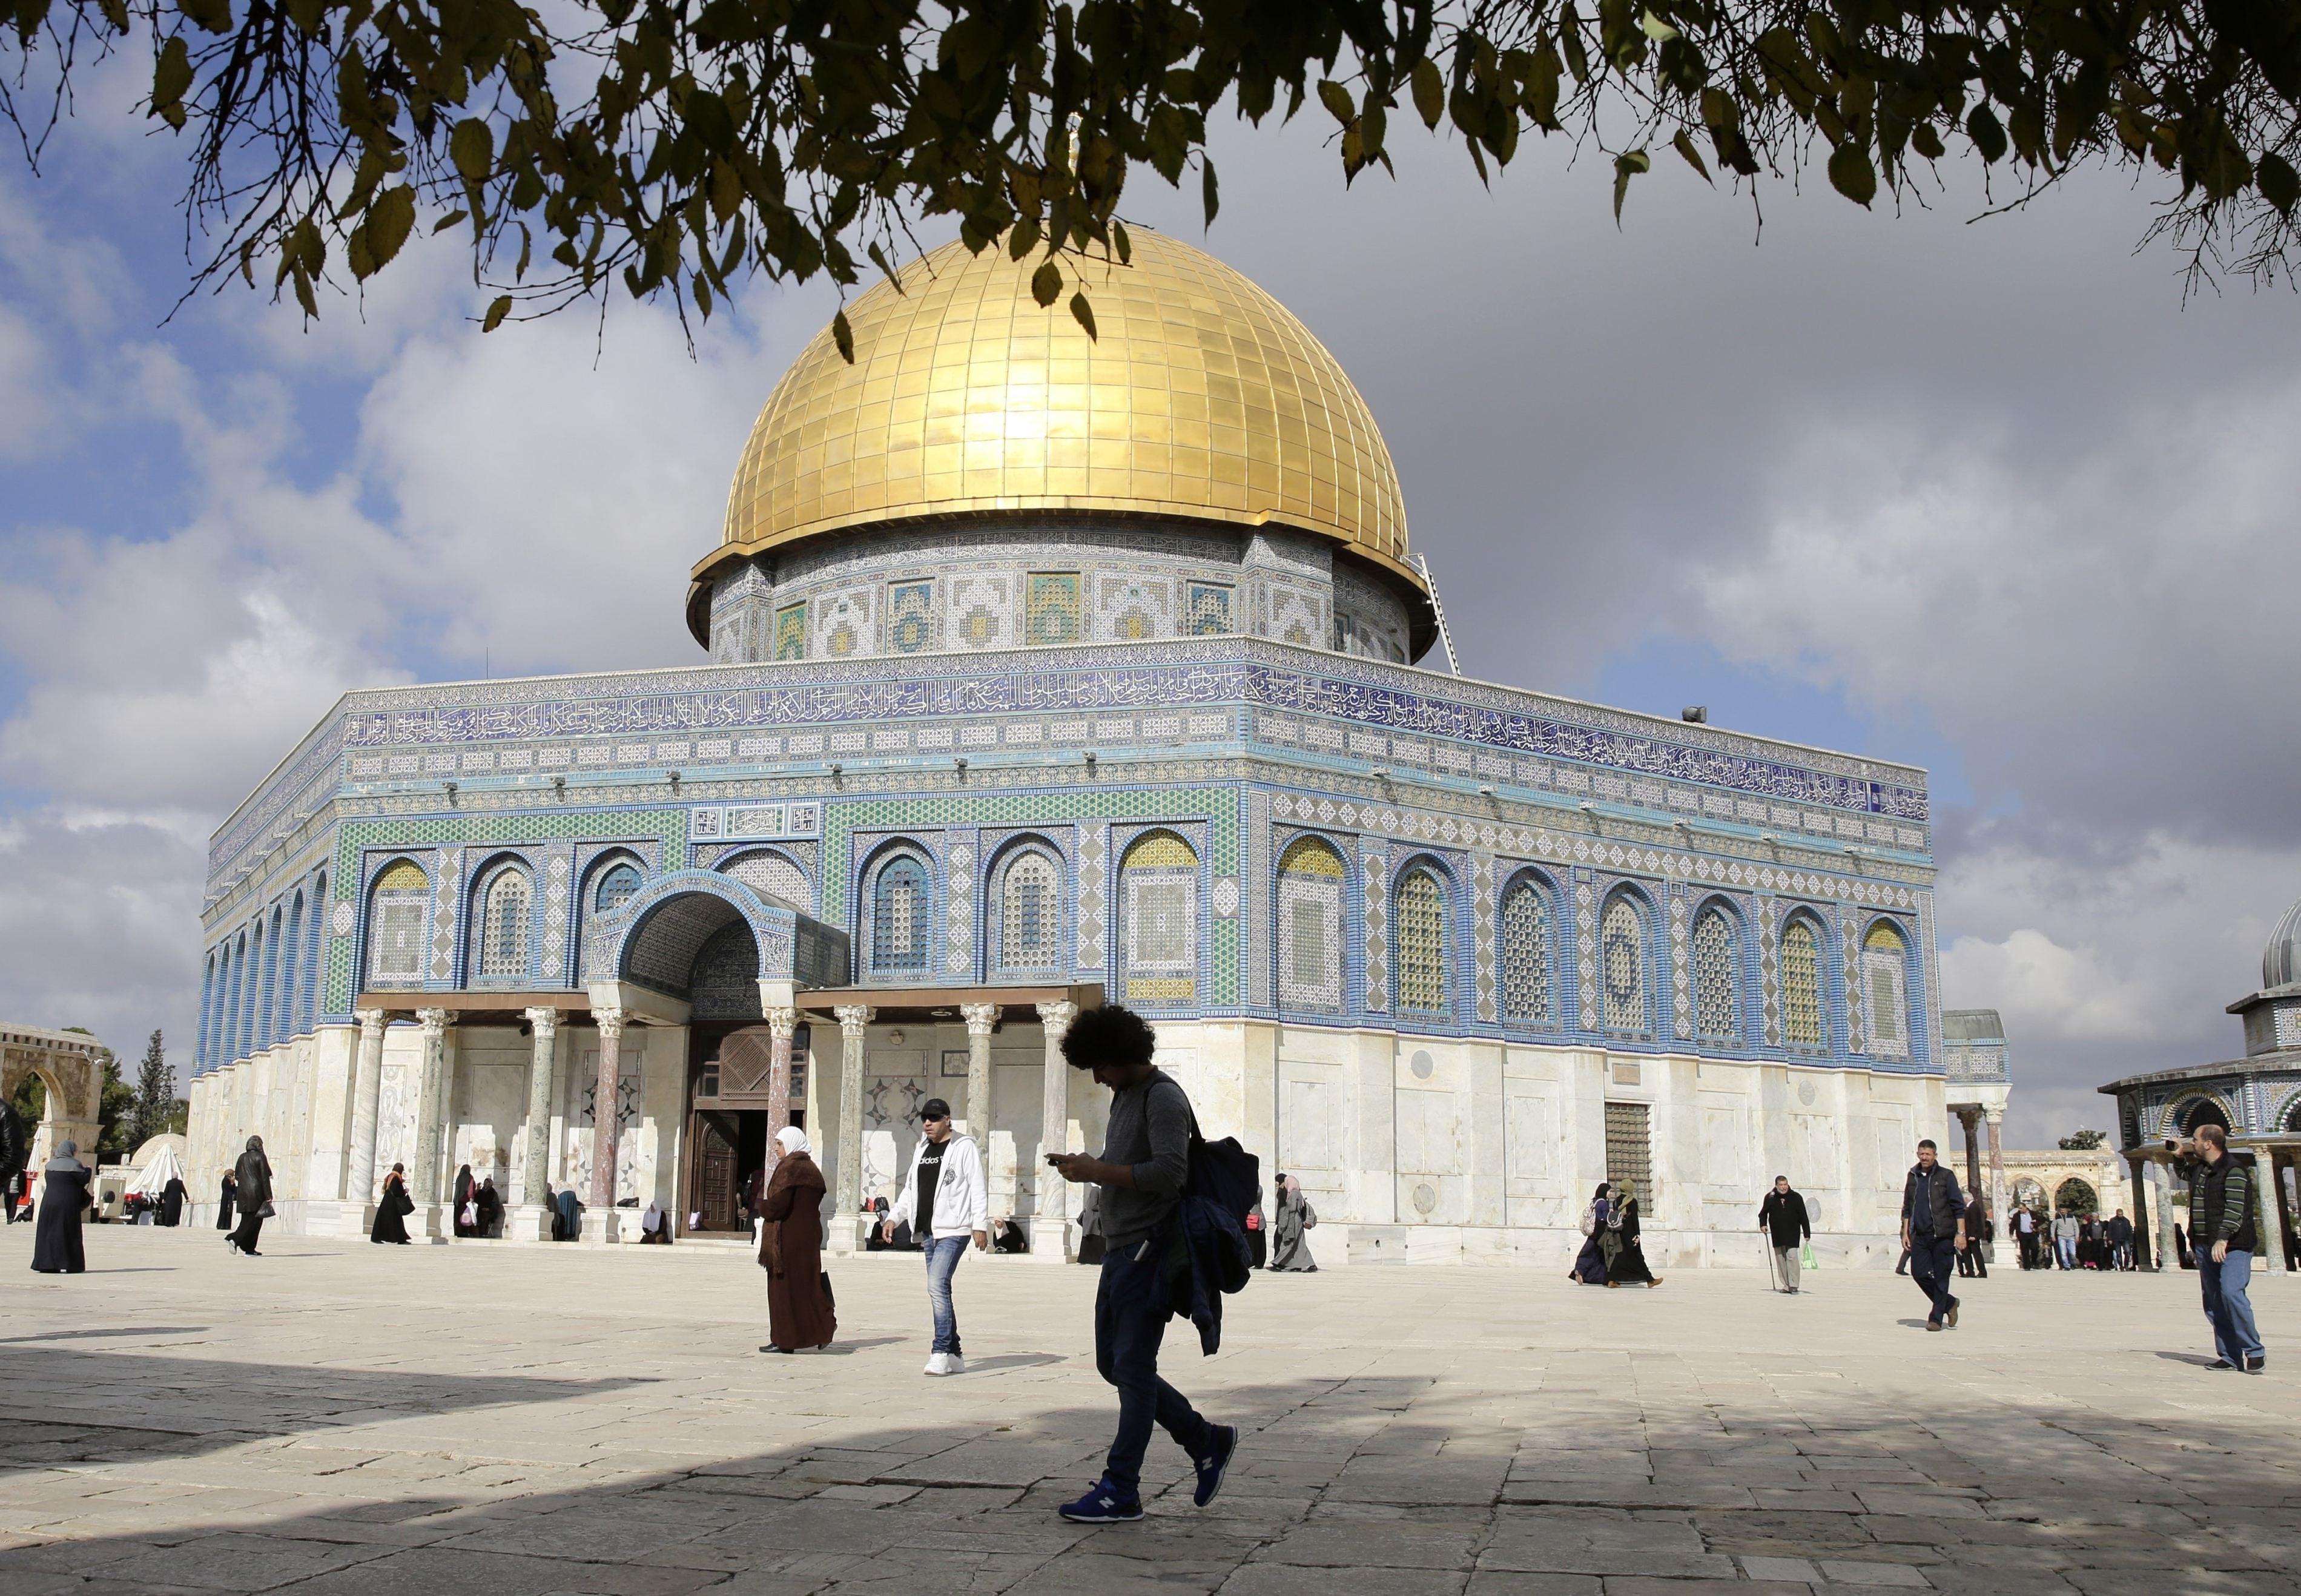 Autoritatea Palestiniană cere ţărilor arabe să boicoteze statele care mută ambasadele în Ierusalim